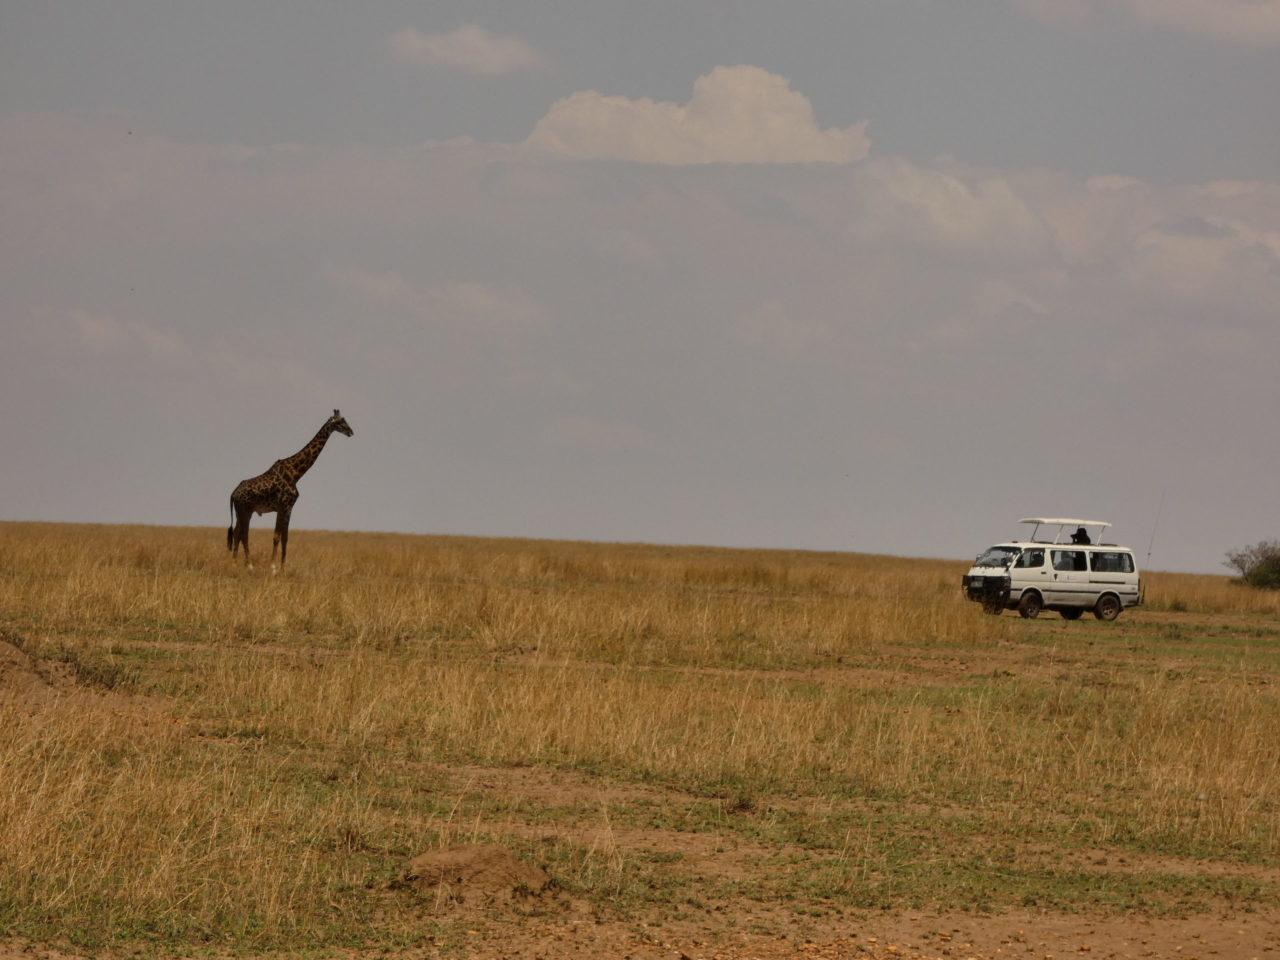 véhicule safari kenya